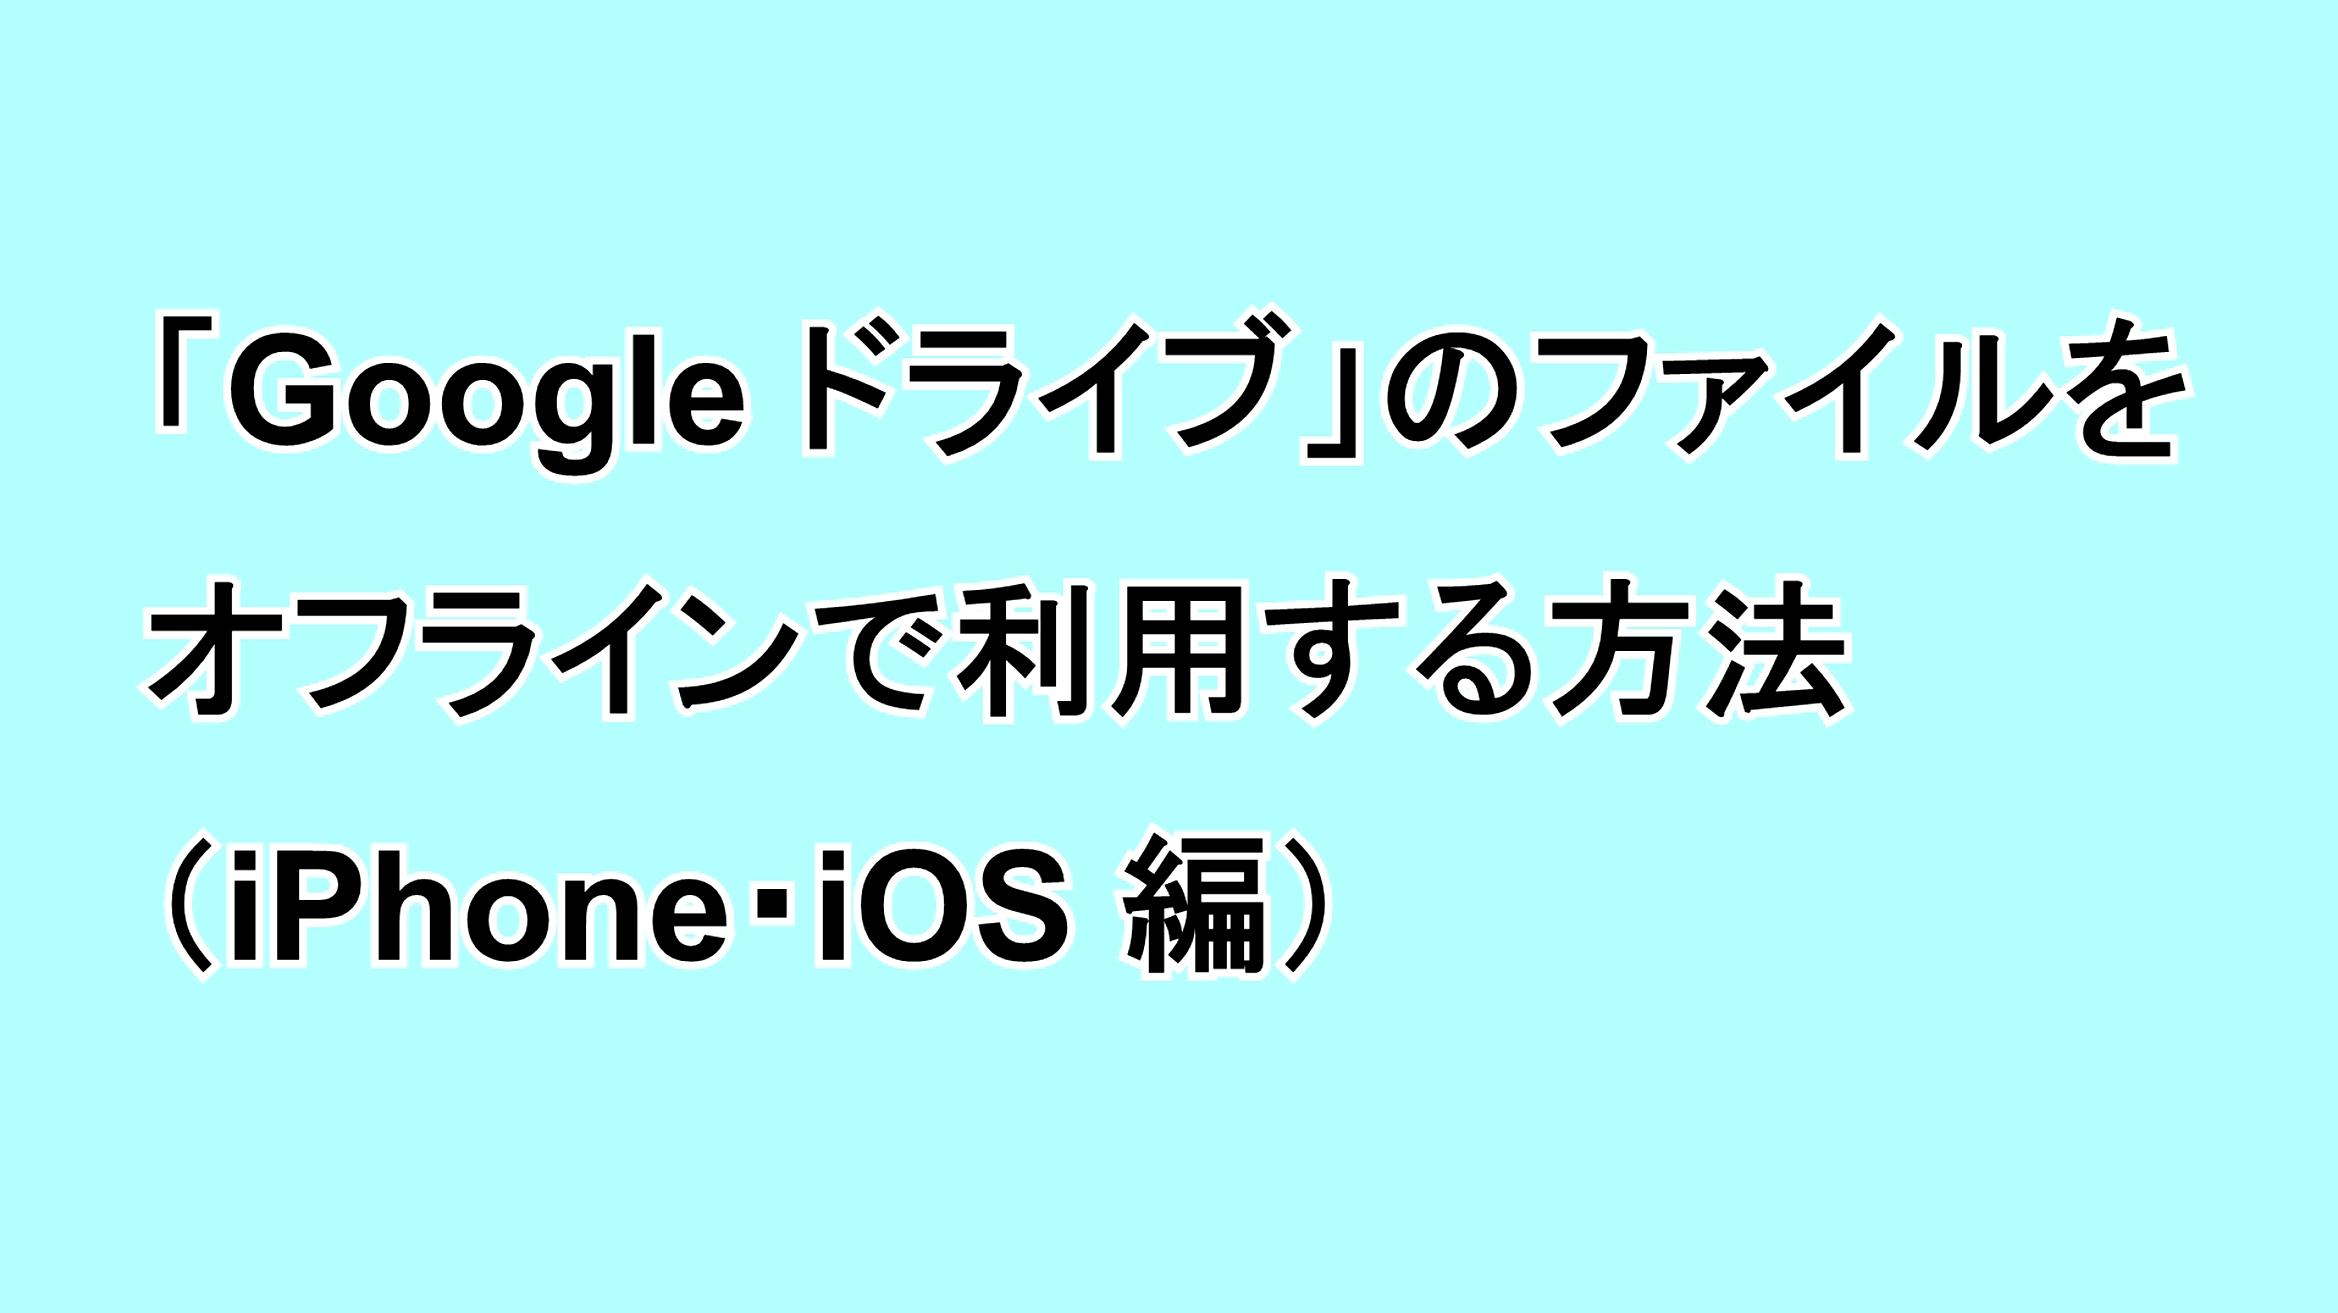 「Google ドライブ」のファイルをオフラインで利用する方法(iPhone編)